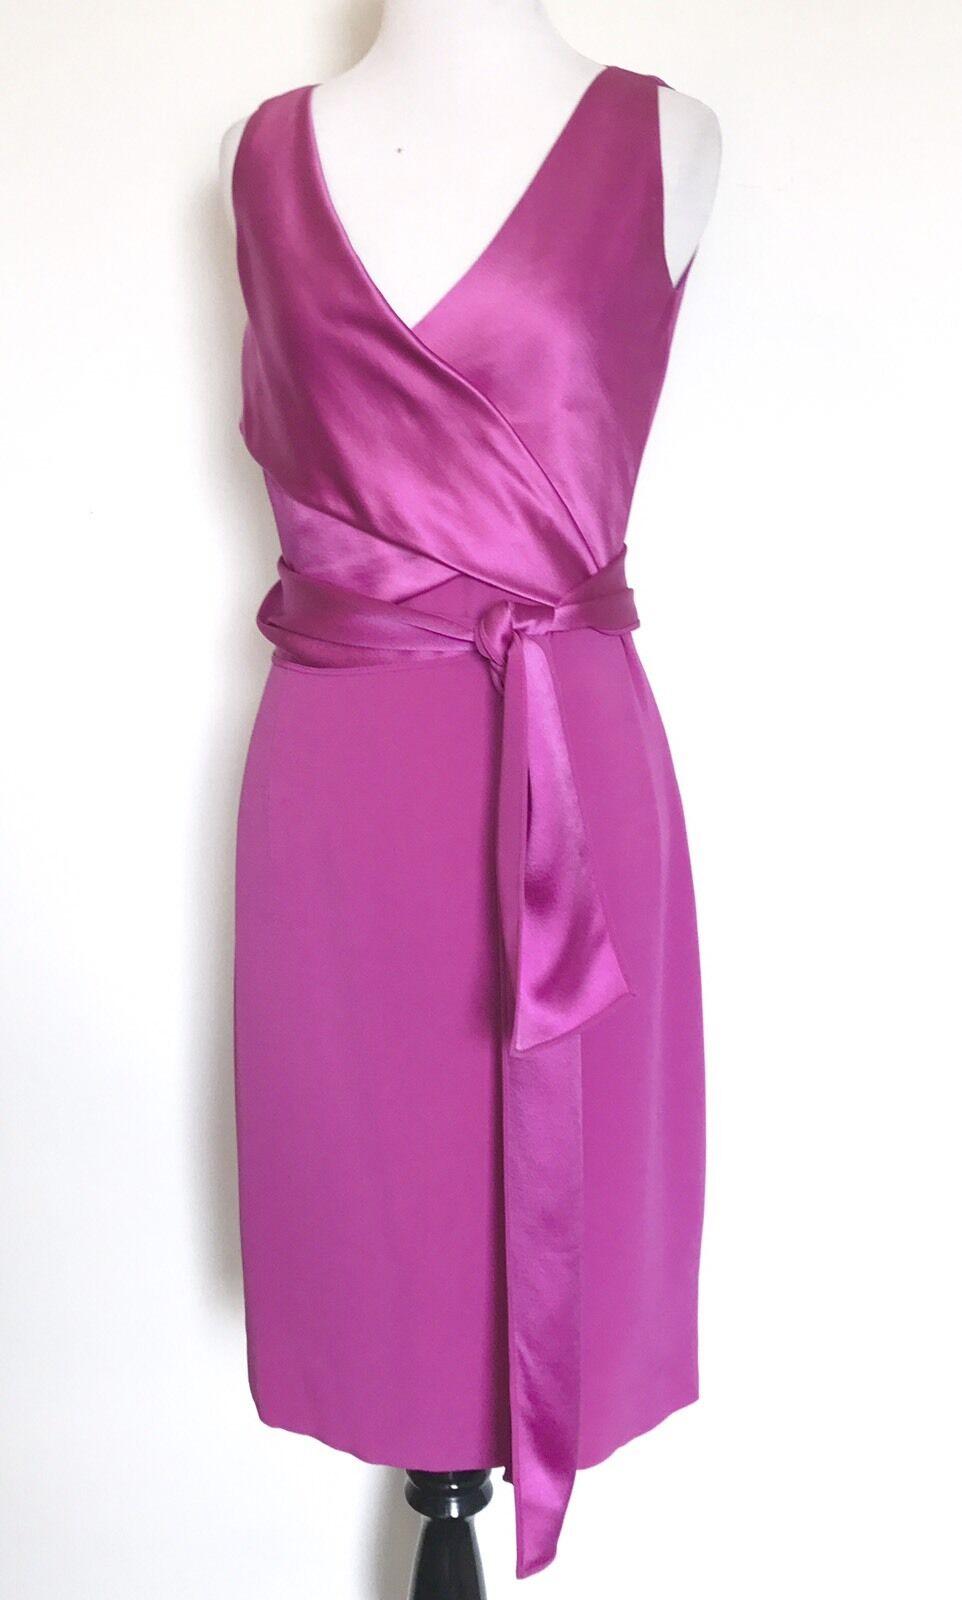 Carolina Herrera Pink Formal Dress. Retails  NWT Price  Size 0